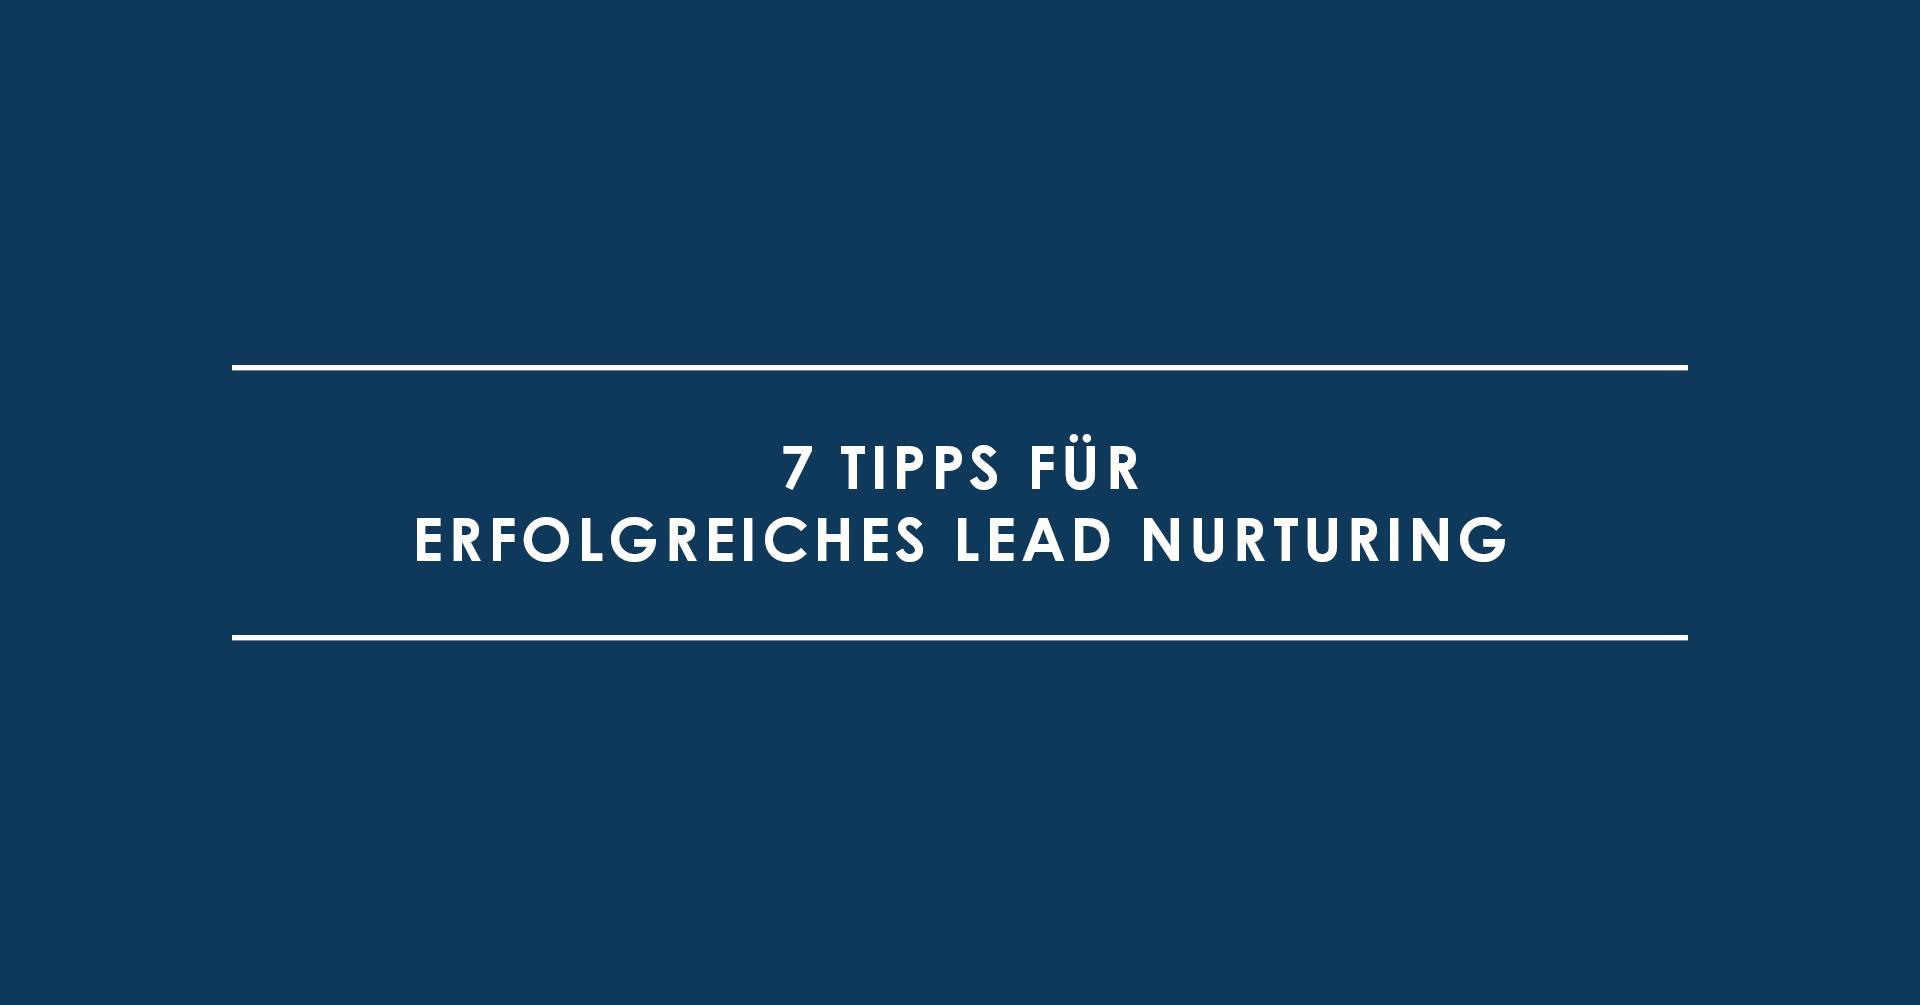 7 Tipps für erfolgreiches Lead Nurturing